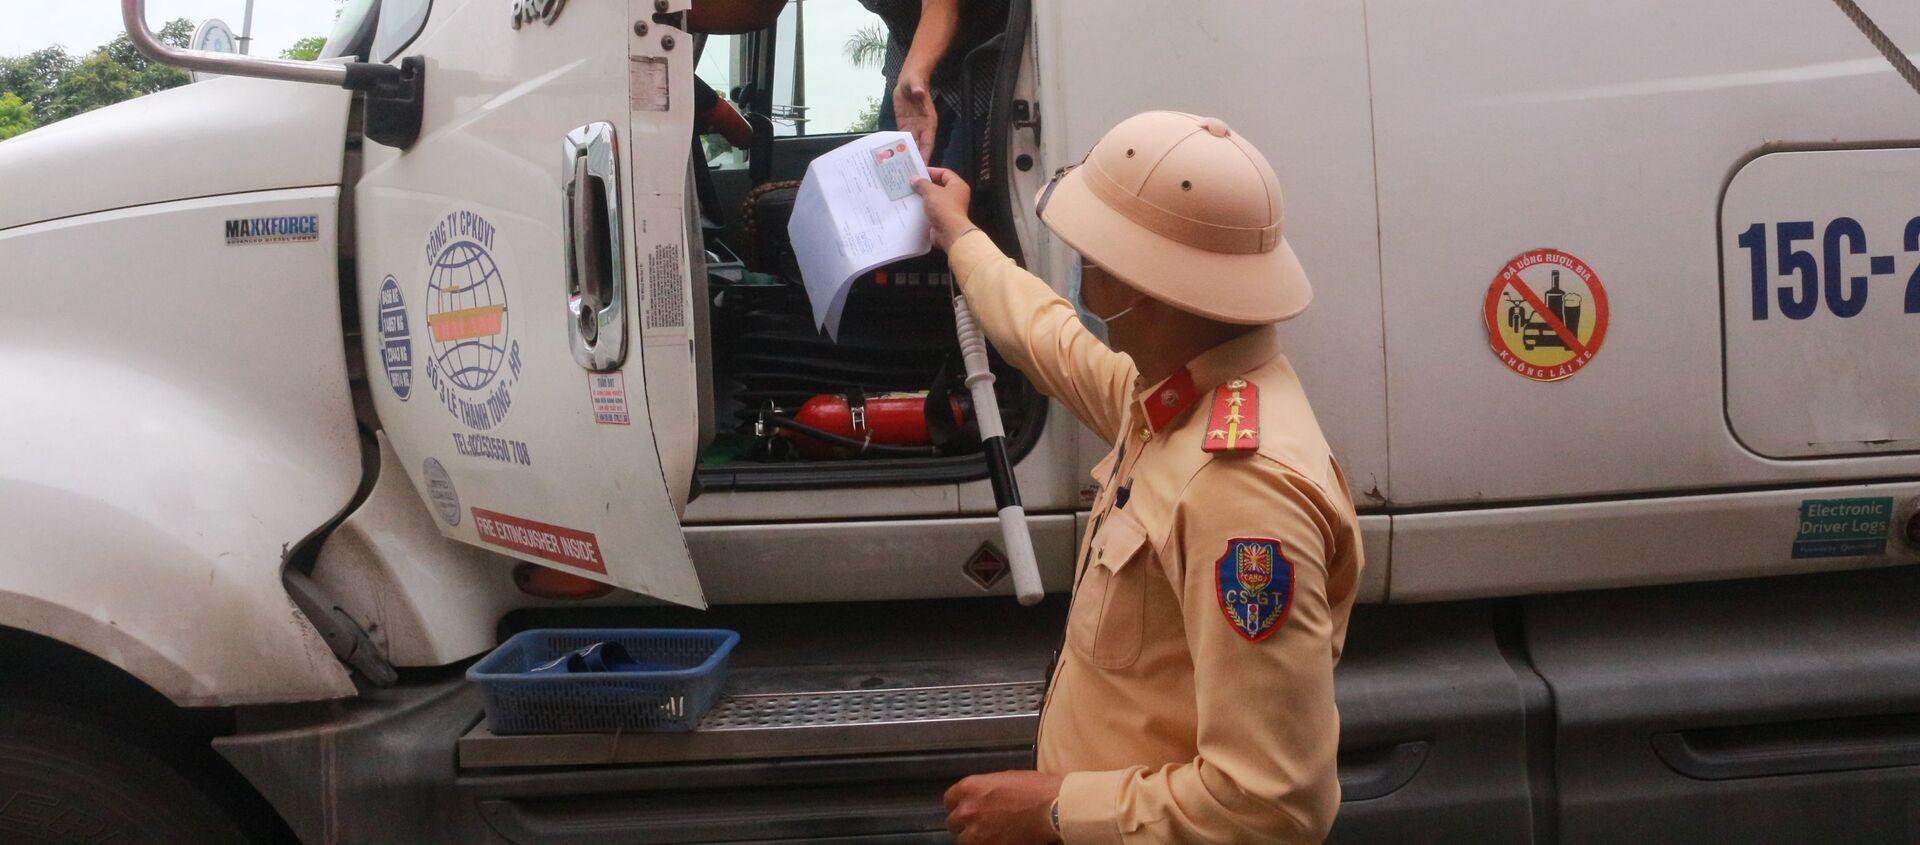 Cảnh sát giao thông công an thành phố Uông Bí (Quảng Ninh) kiểm tra các thủ tục của lái xe container trước khi qua chốt cầu Đá Bạc - Sputnik Việt Nam, 1920, 02.07.2021